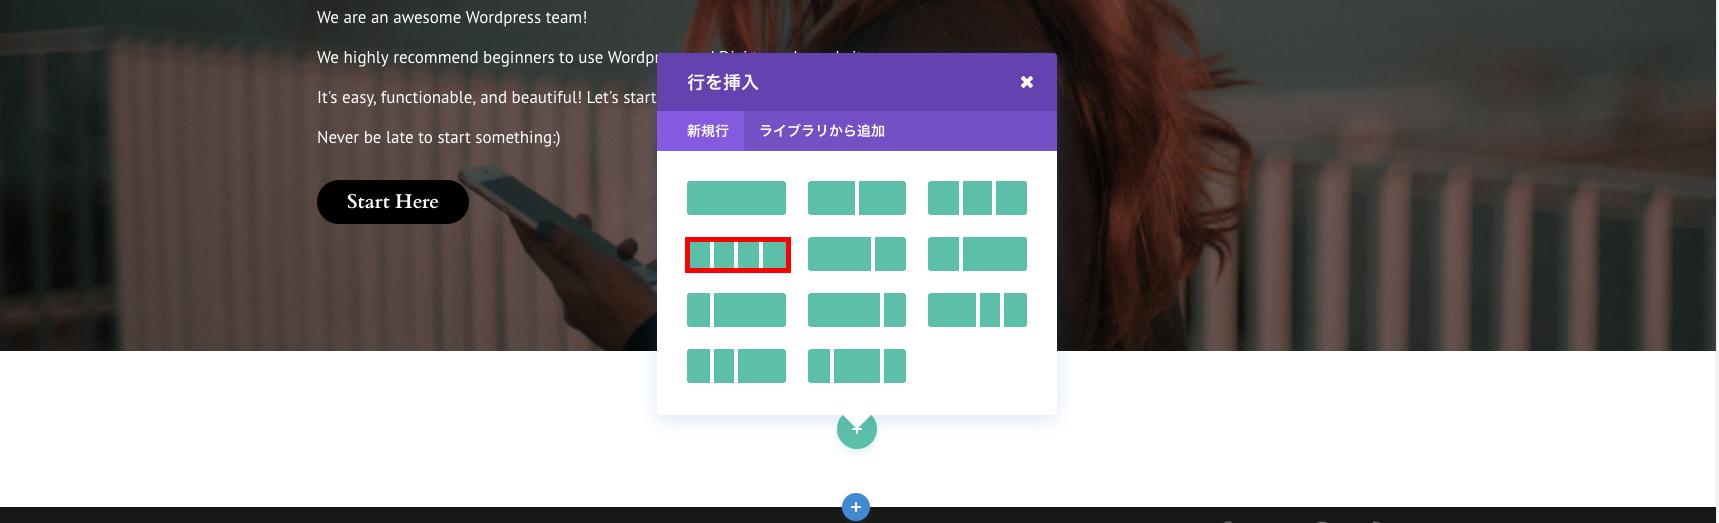 コラムの追加 スクリーンショット